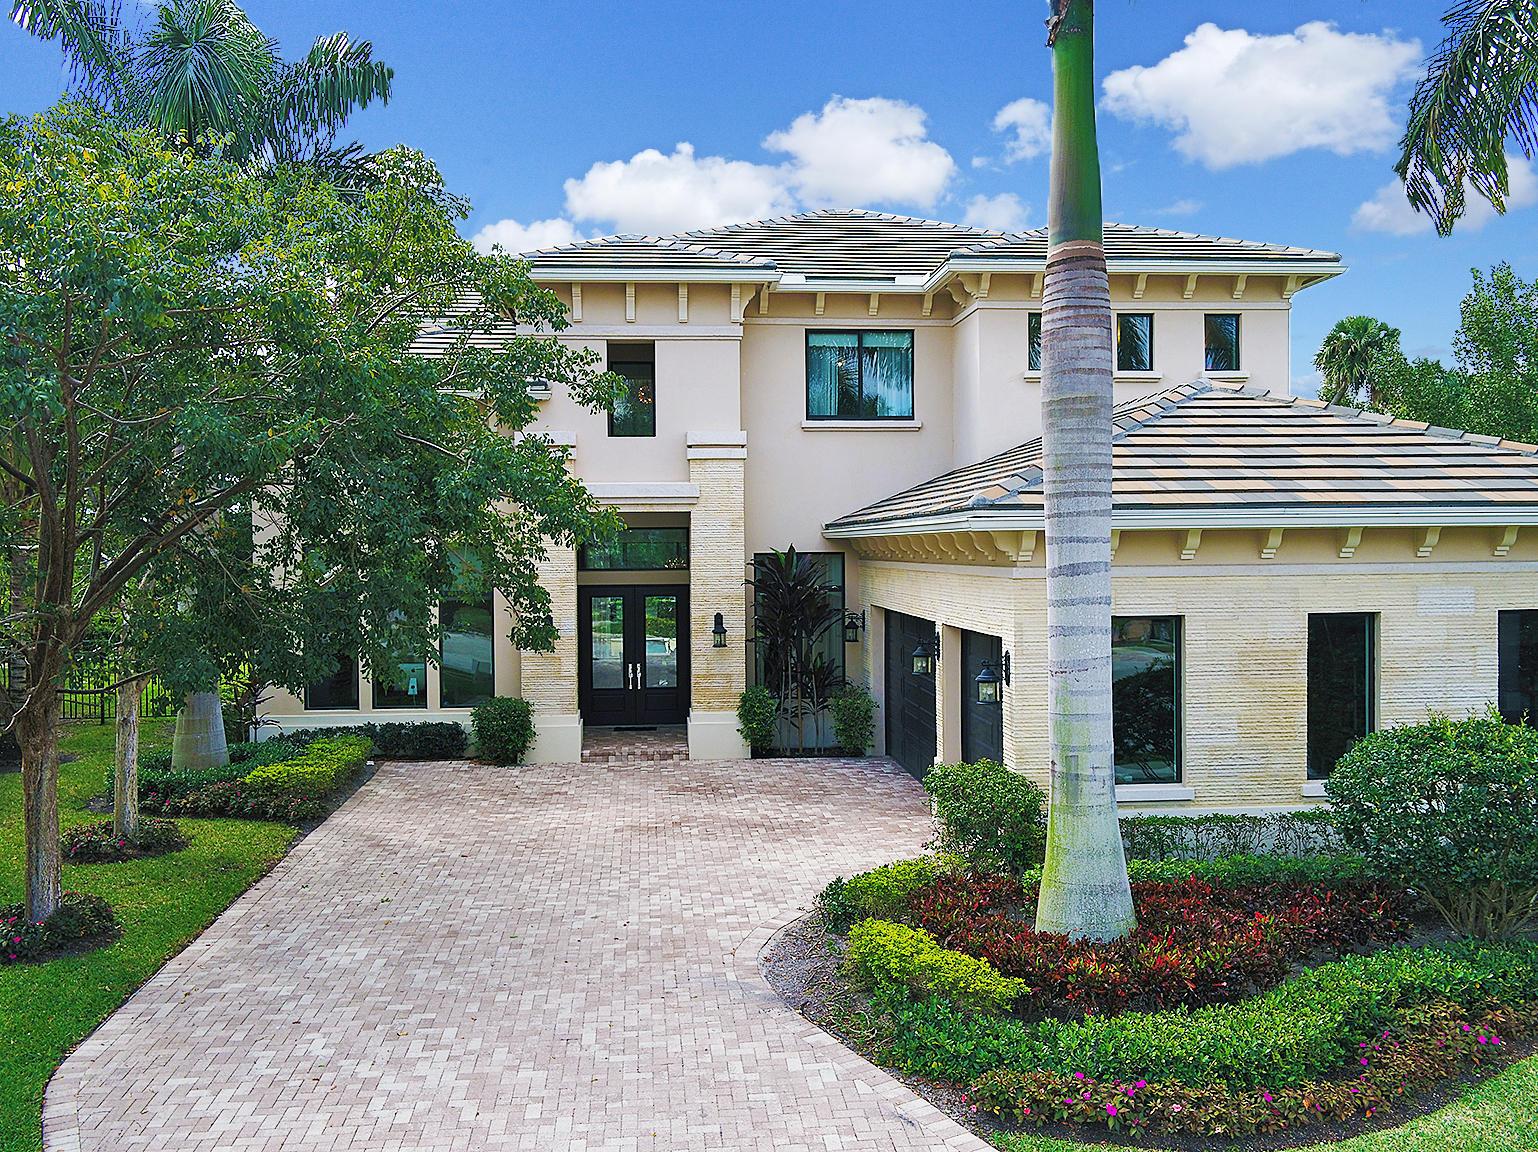 Photo of 17950 Monte Vista Drive, Boca Raton, FL 33496